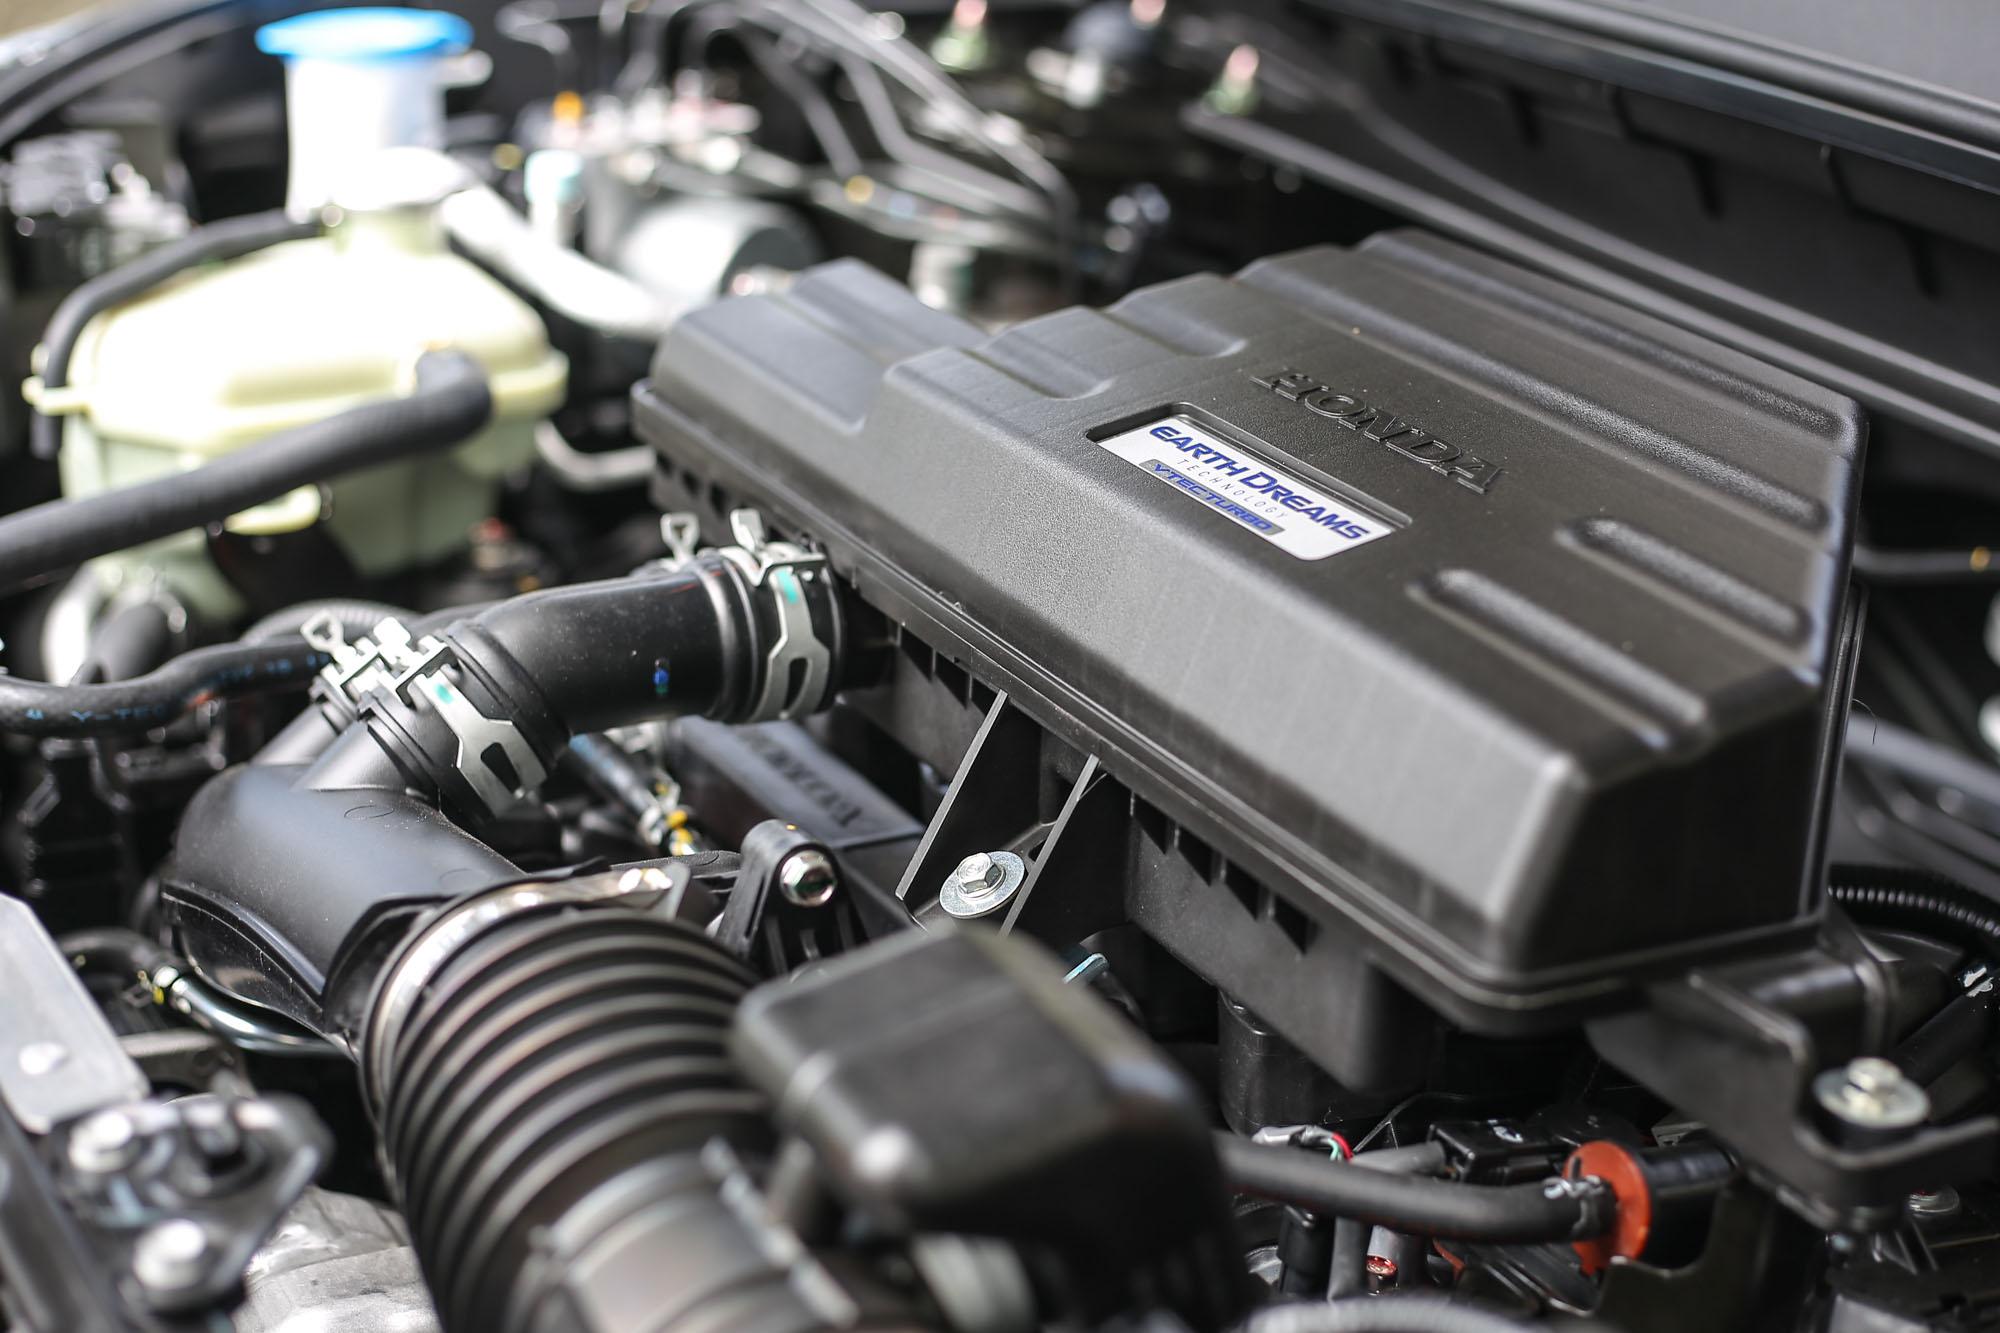 CR-V 搭載 1.5 升渦輪增壓直列四缸汽油引擎,具備 193ps/5600rpm 最大馬力與 24.8kgm/2000~5000rpm 最大扭力。